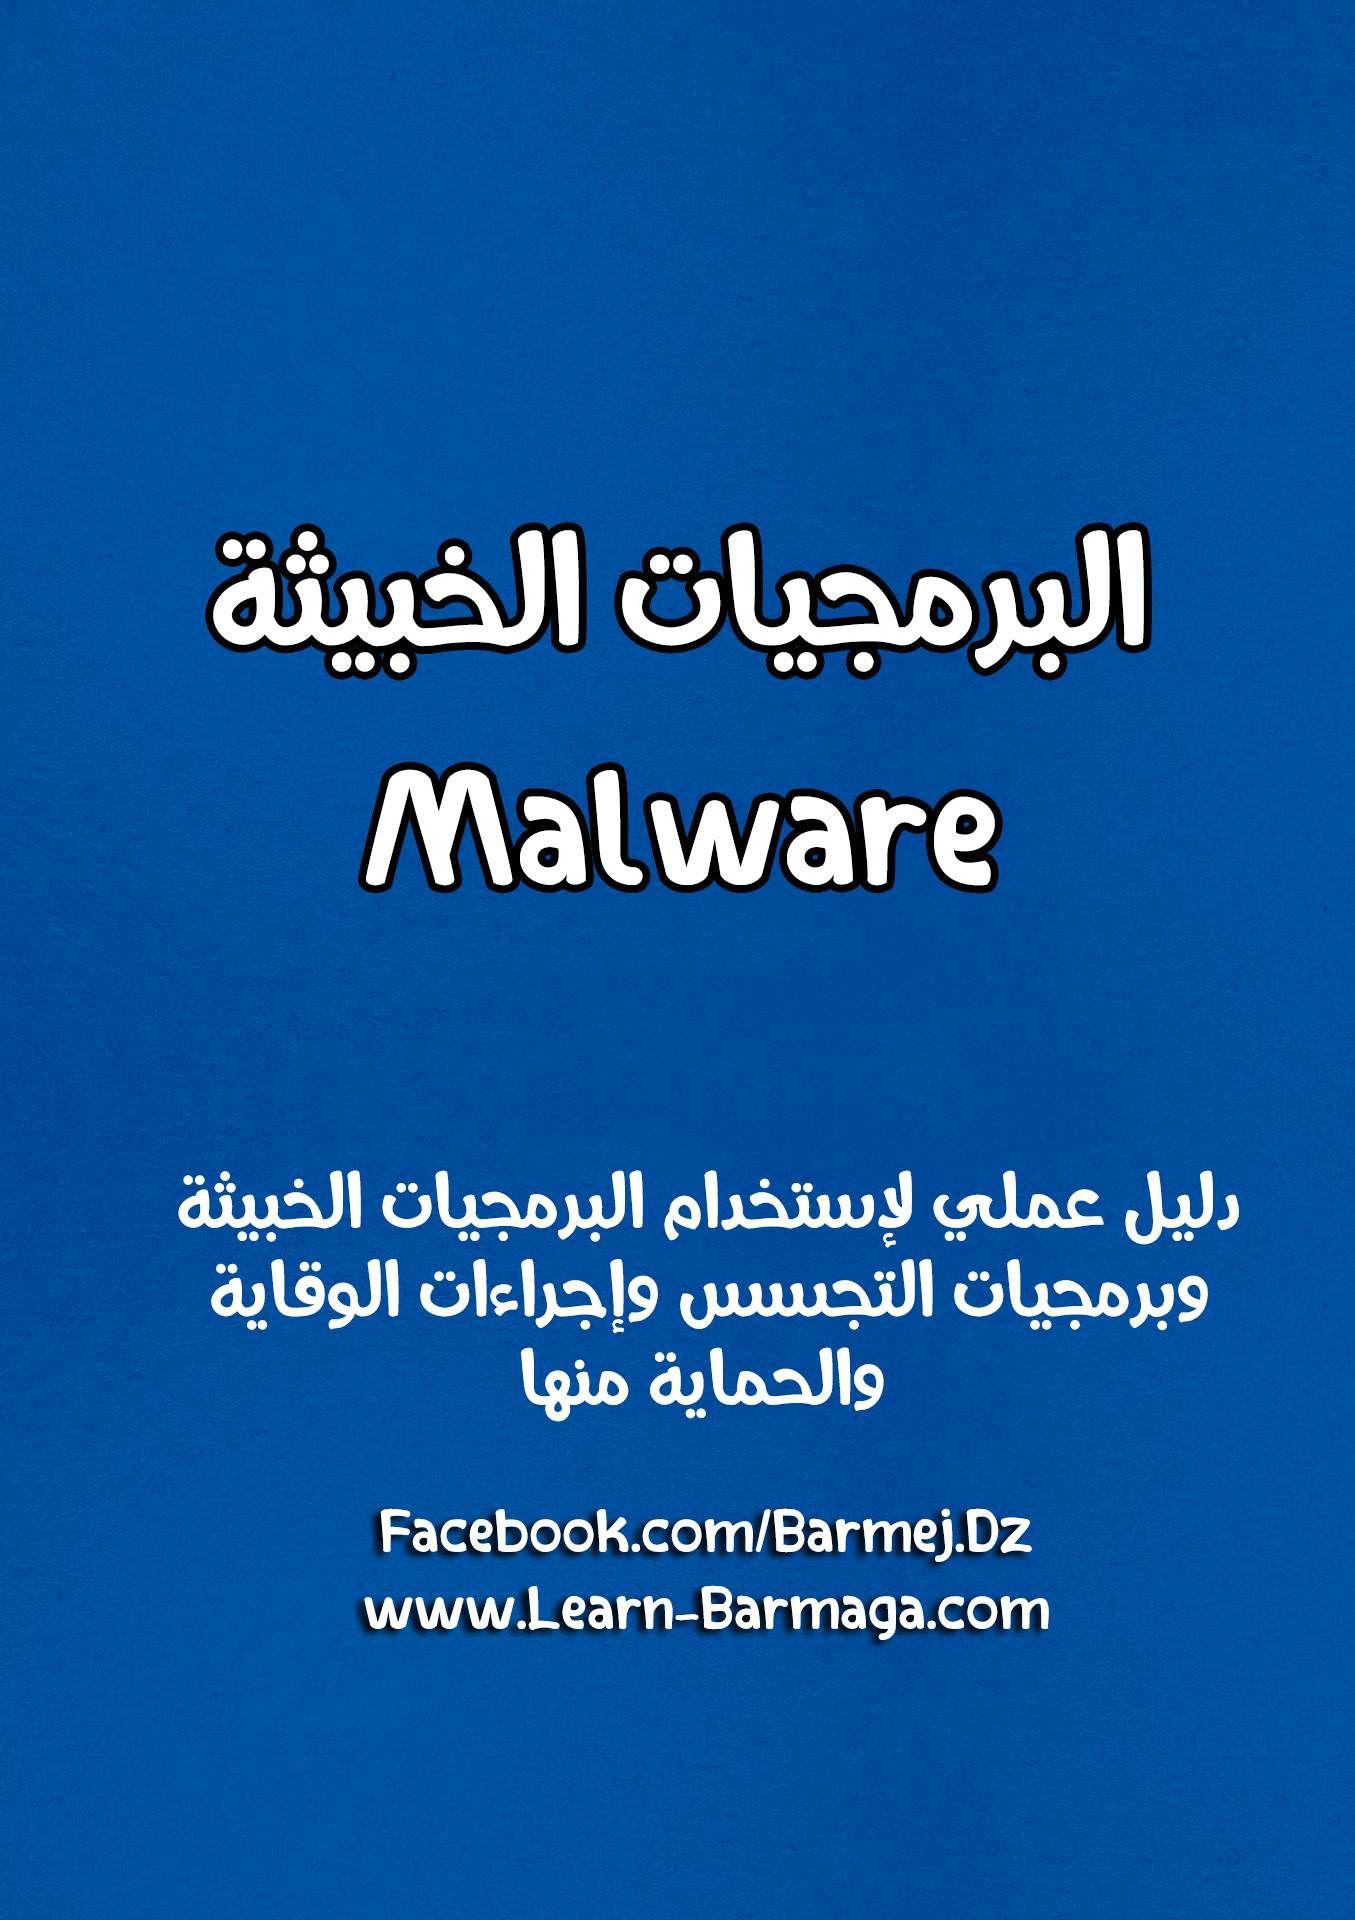 كتاب البرمجيات الخبيثة Malware دليل عملي لإستخدام البرمجيات الخبيثة وبرمجيات التجسس وإجراءات الوقاية وال Books Free Download Pdf Free Pdf Books Books To Read